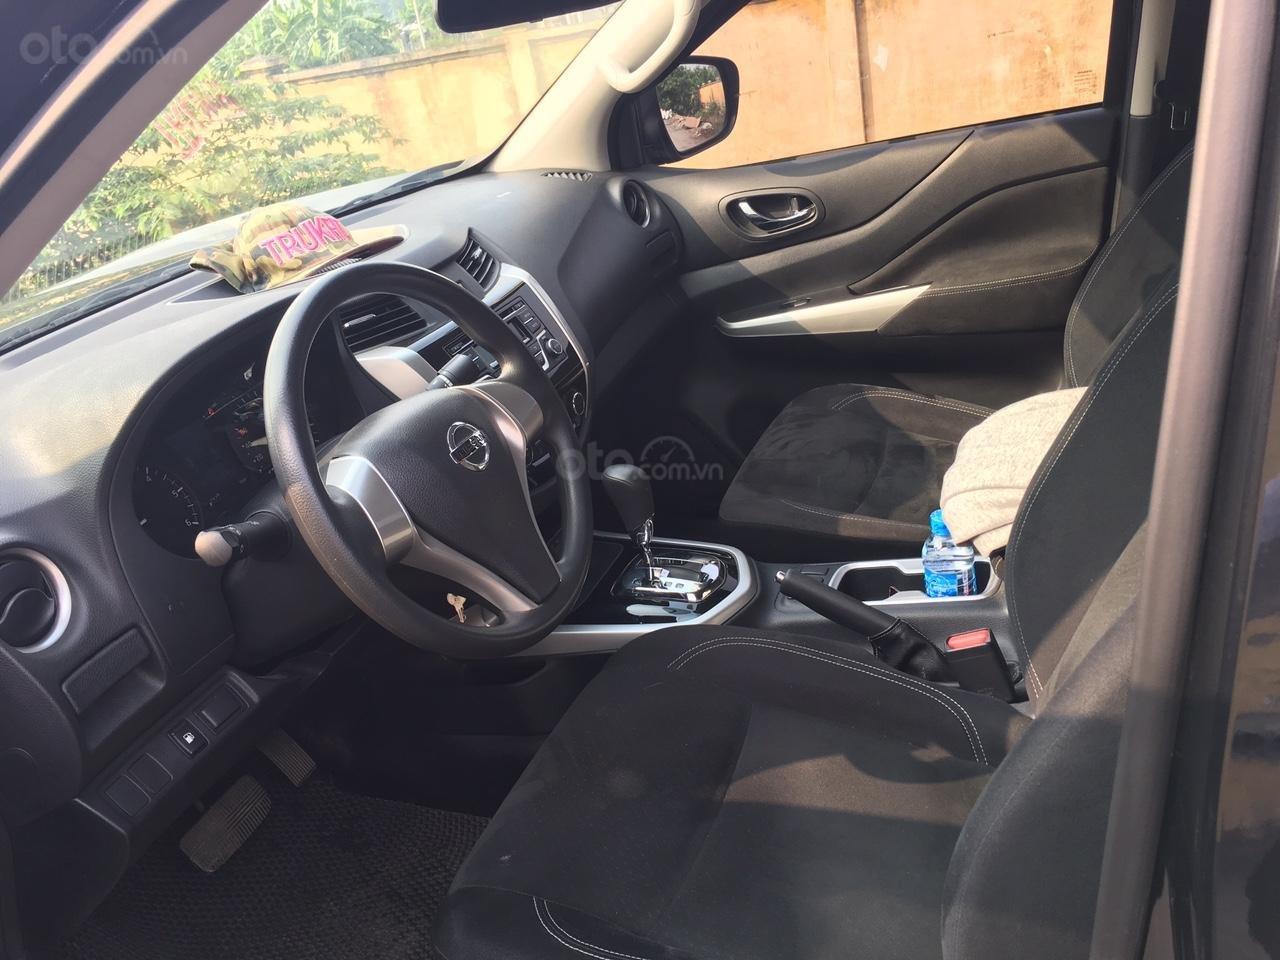 Bán ô tô Nissan Navara EL sản xuất 2017 màu đen, nhập khẩu nguyên chiếc -6